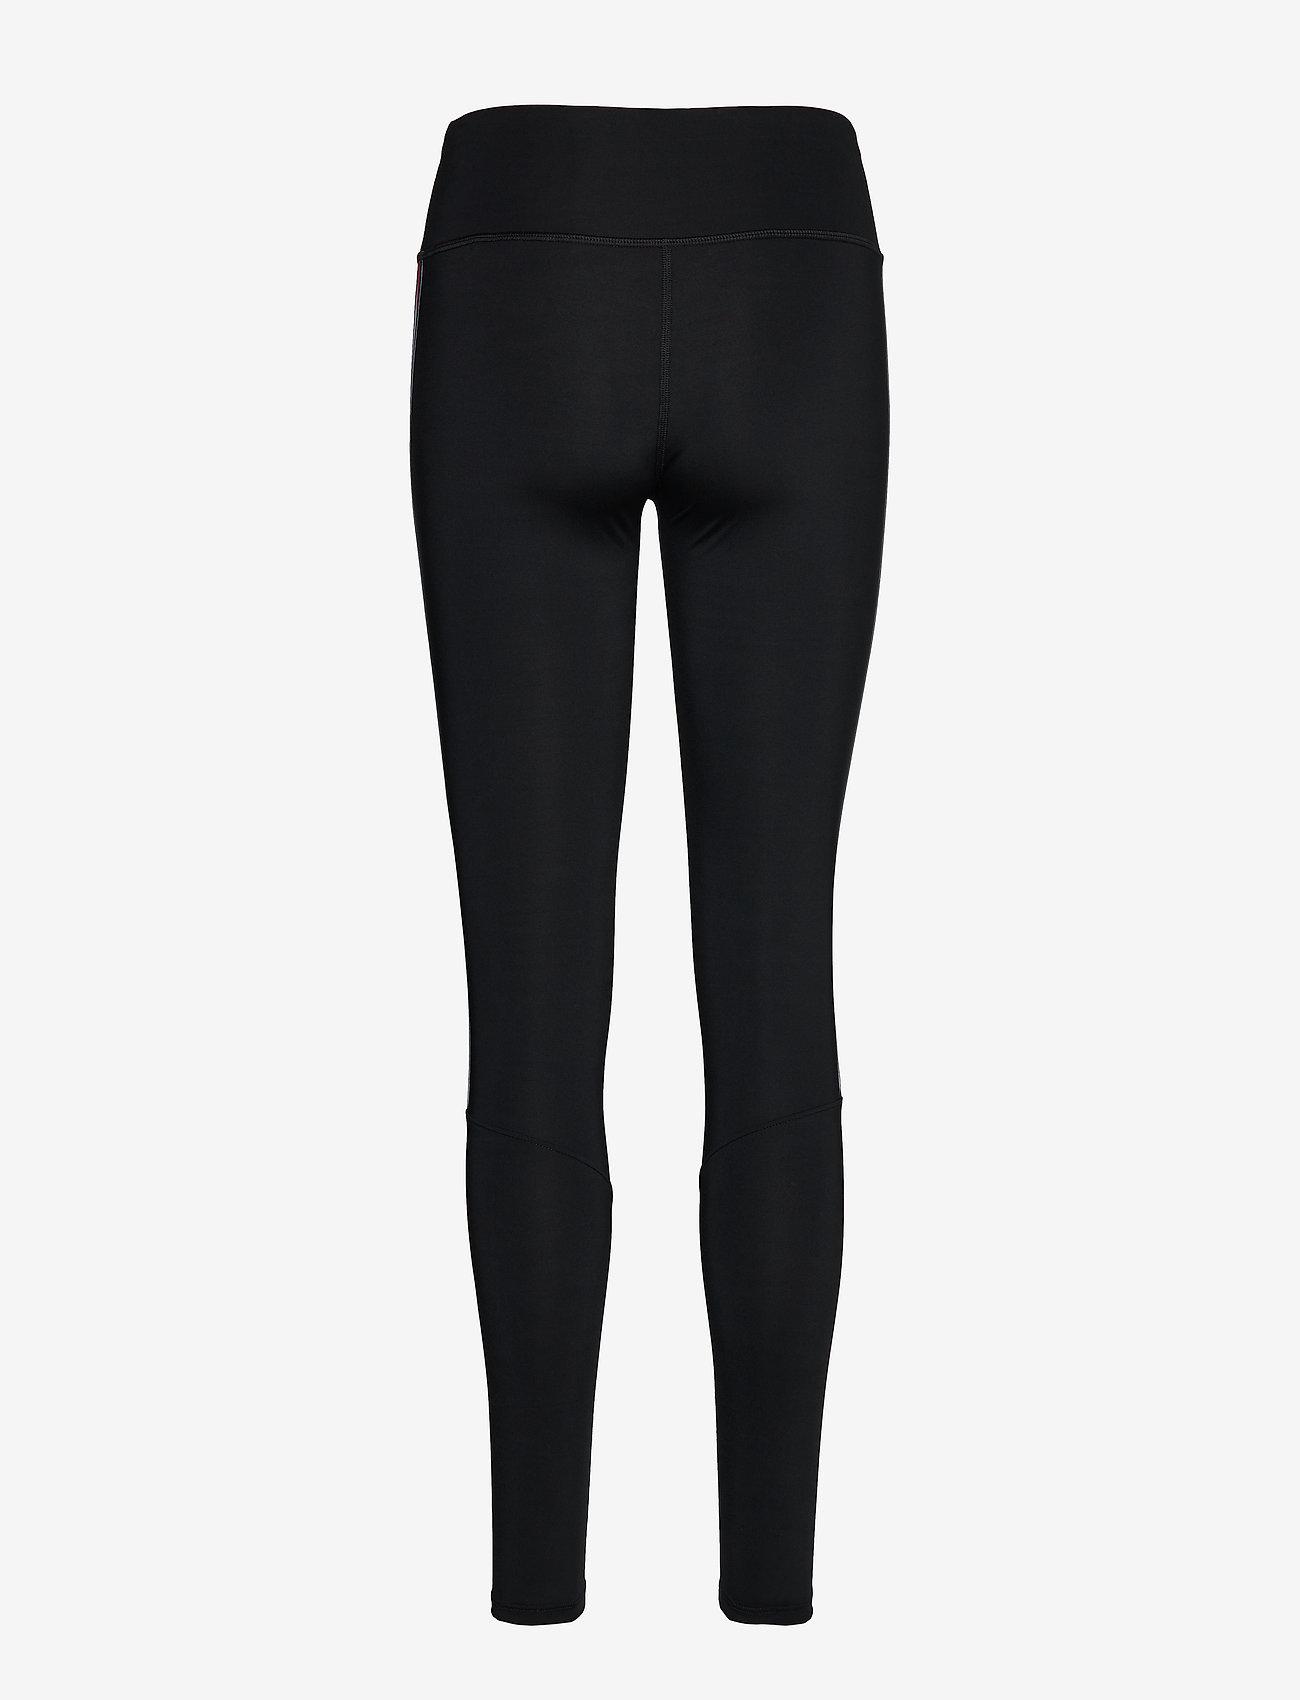 Tommy Sport Legging Full Length With Tape - Leggings & Tights Pvh Black